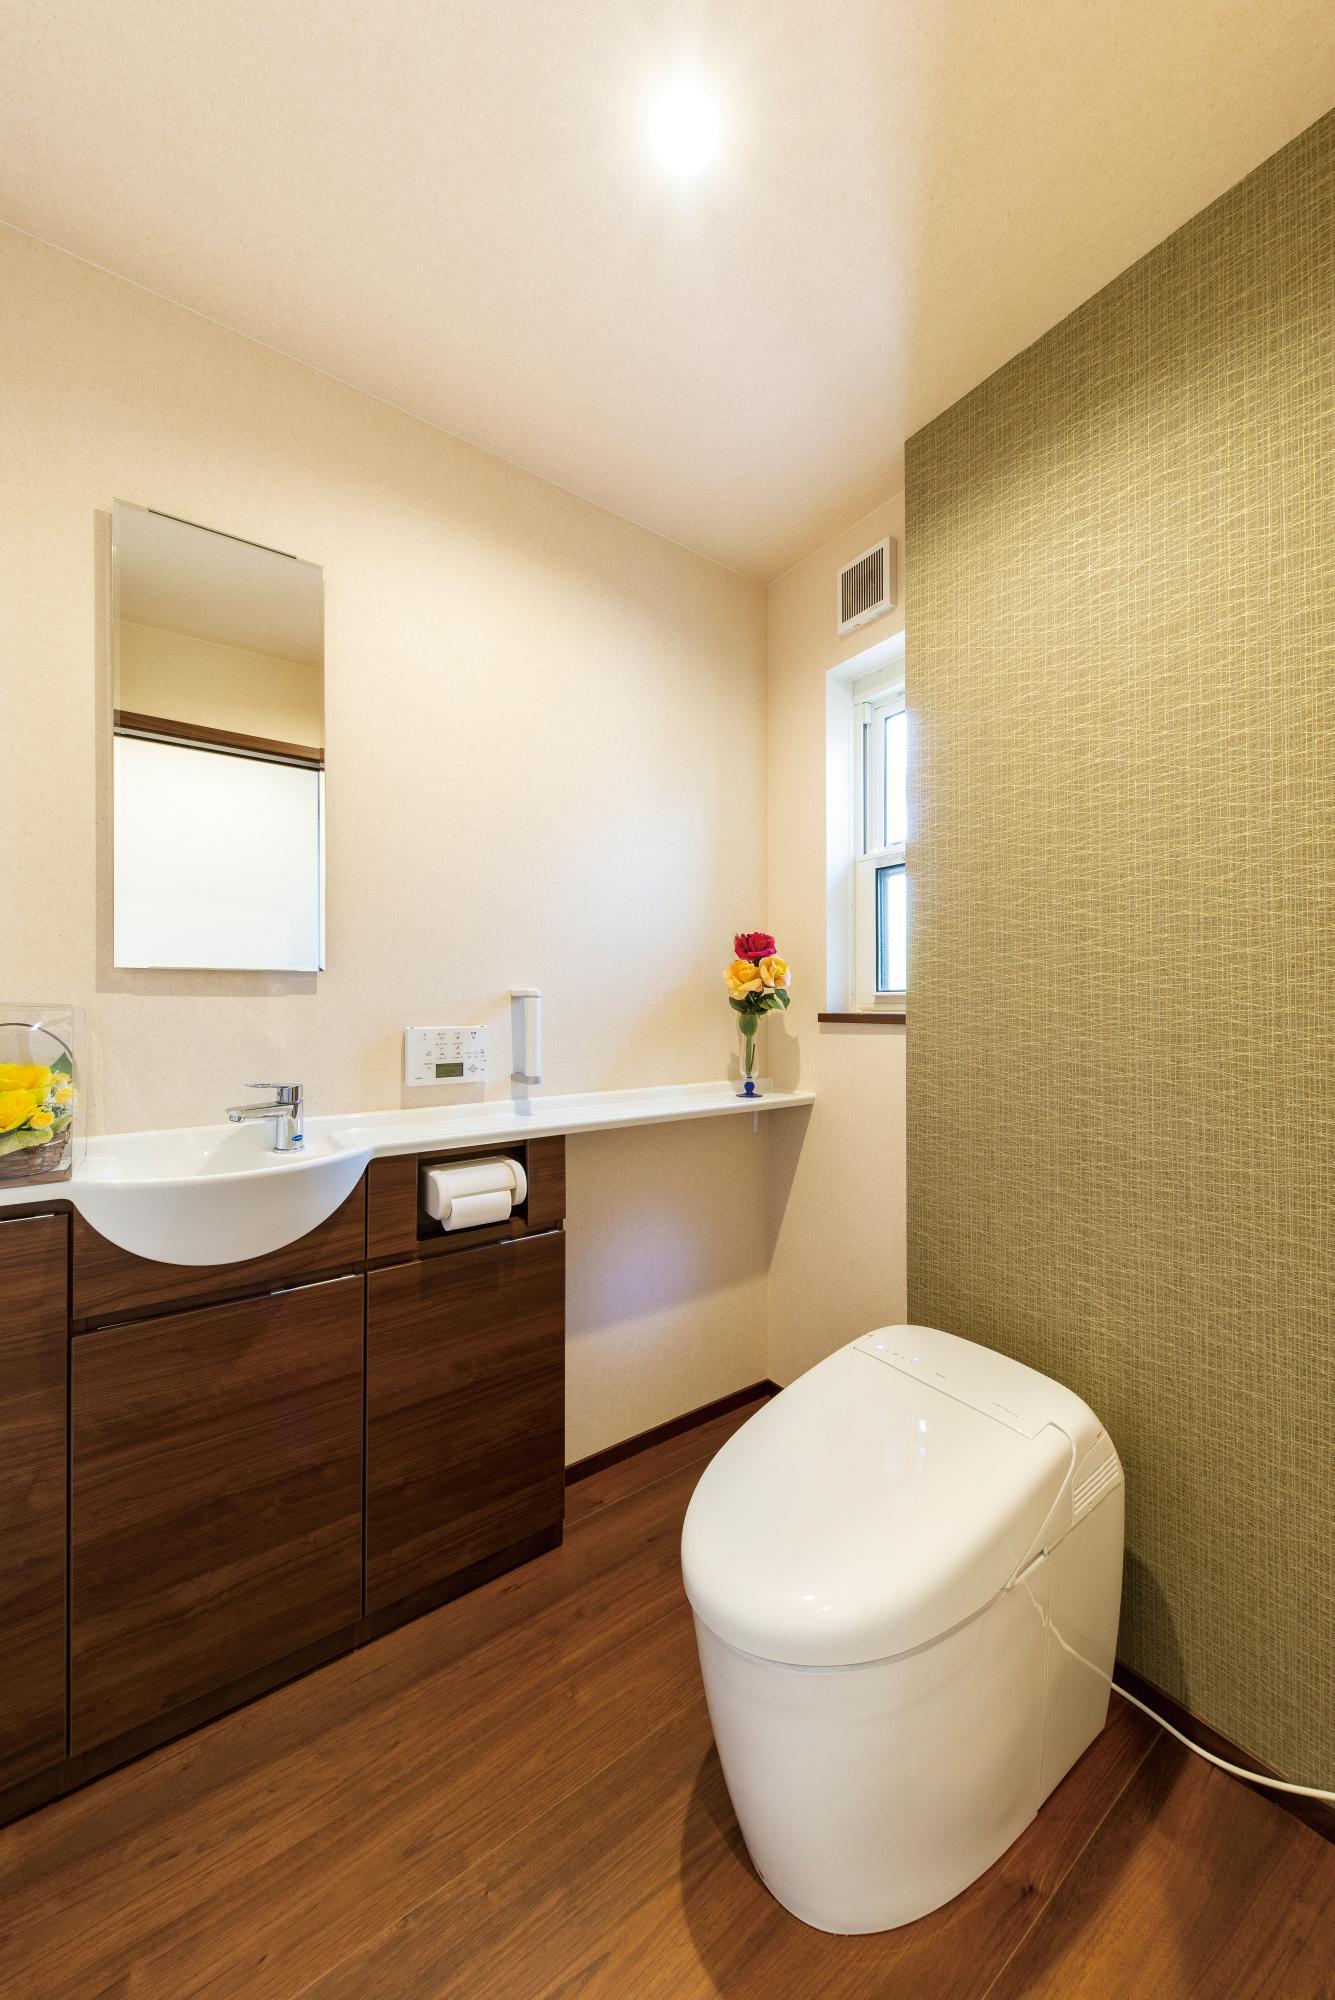 ゆとりの広さを持つ1階のトイレは、アクセントクロスと木質感の効いた内装で、明るく落ち着いた雰囲気に